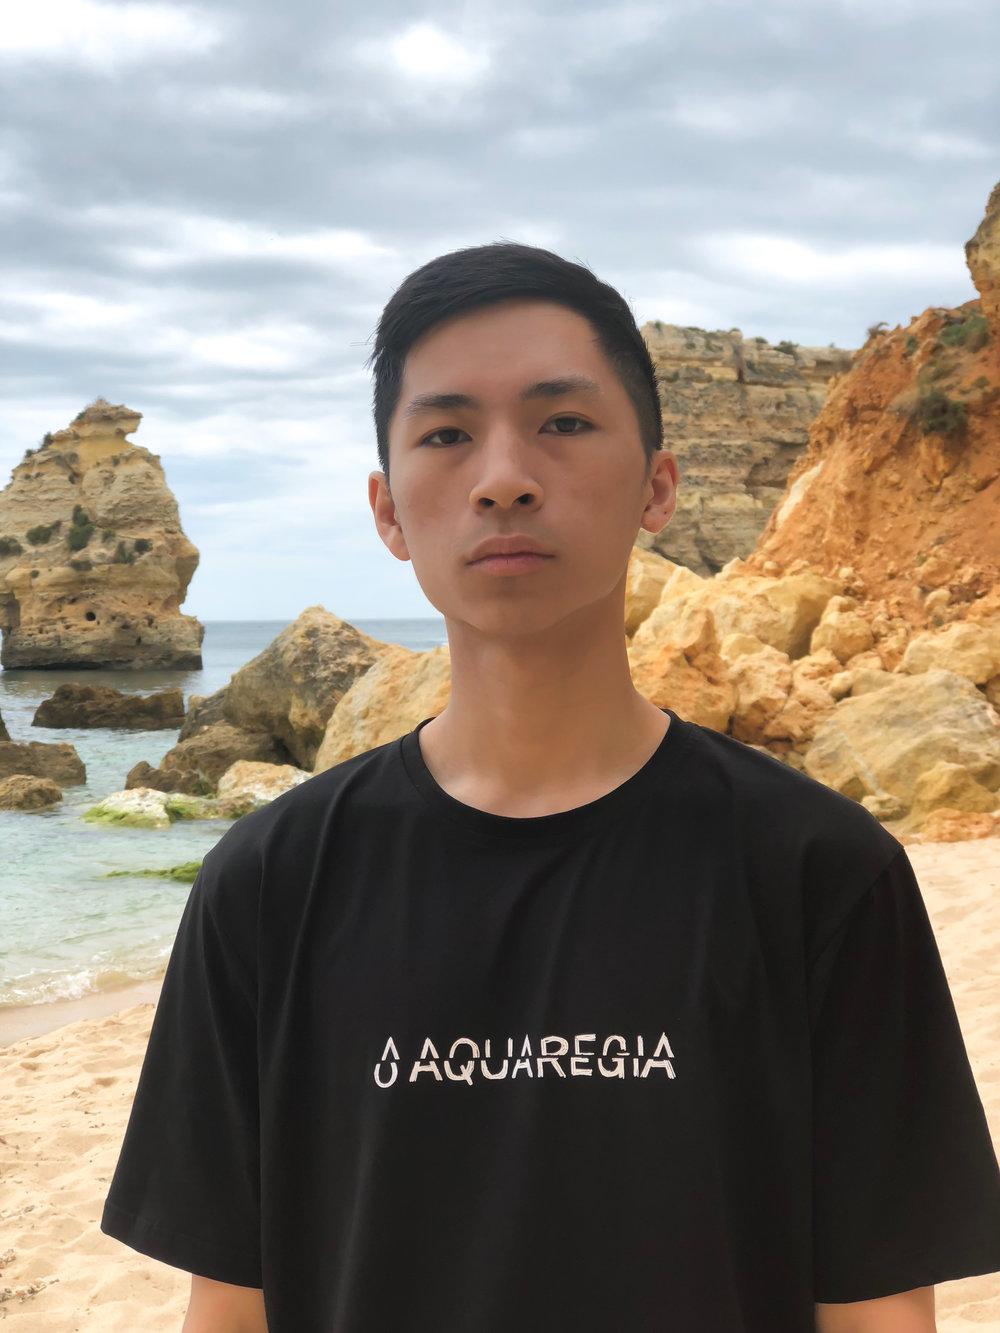 Ryan in the Aquaregia Glitch T-Shirt